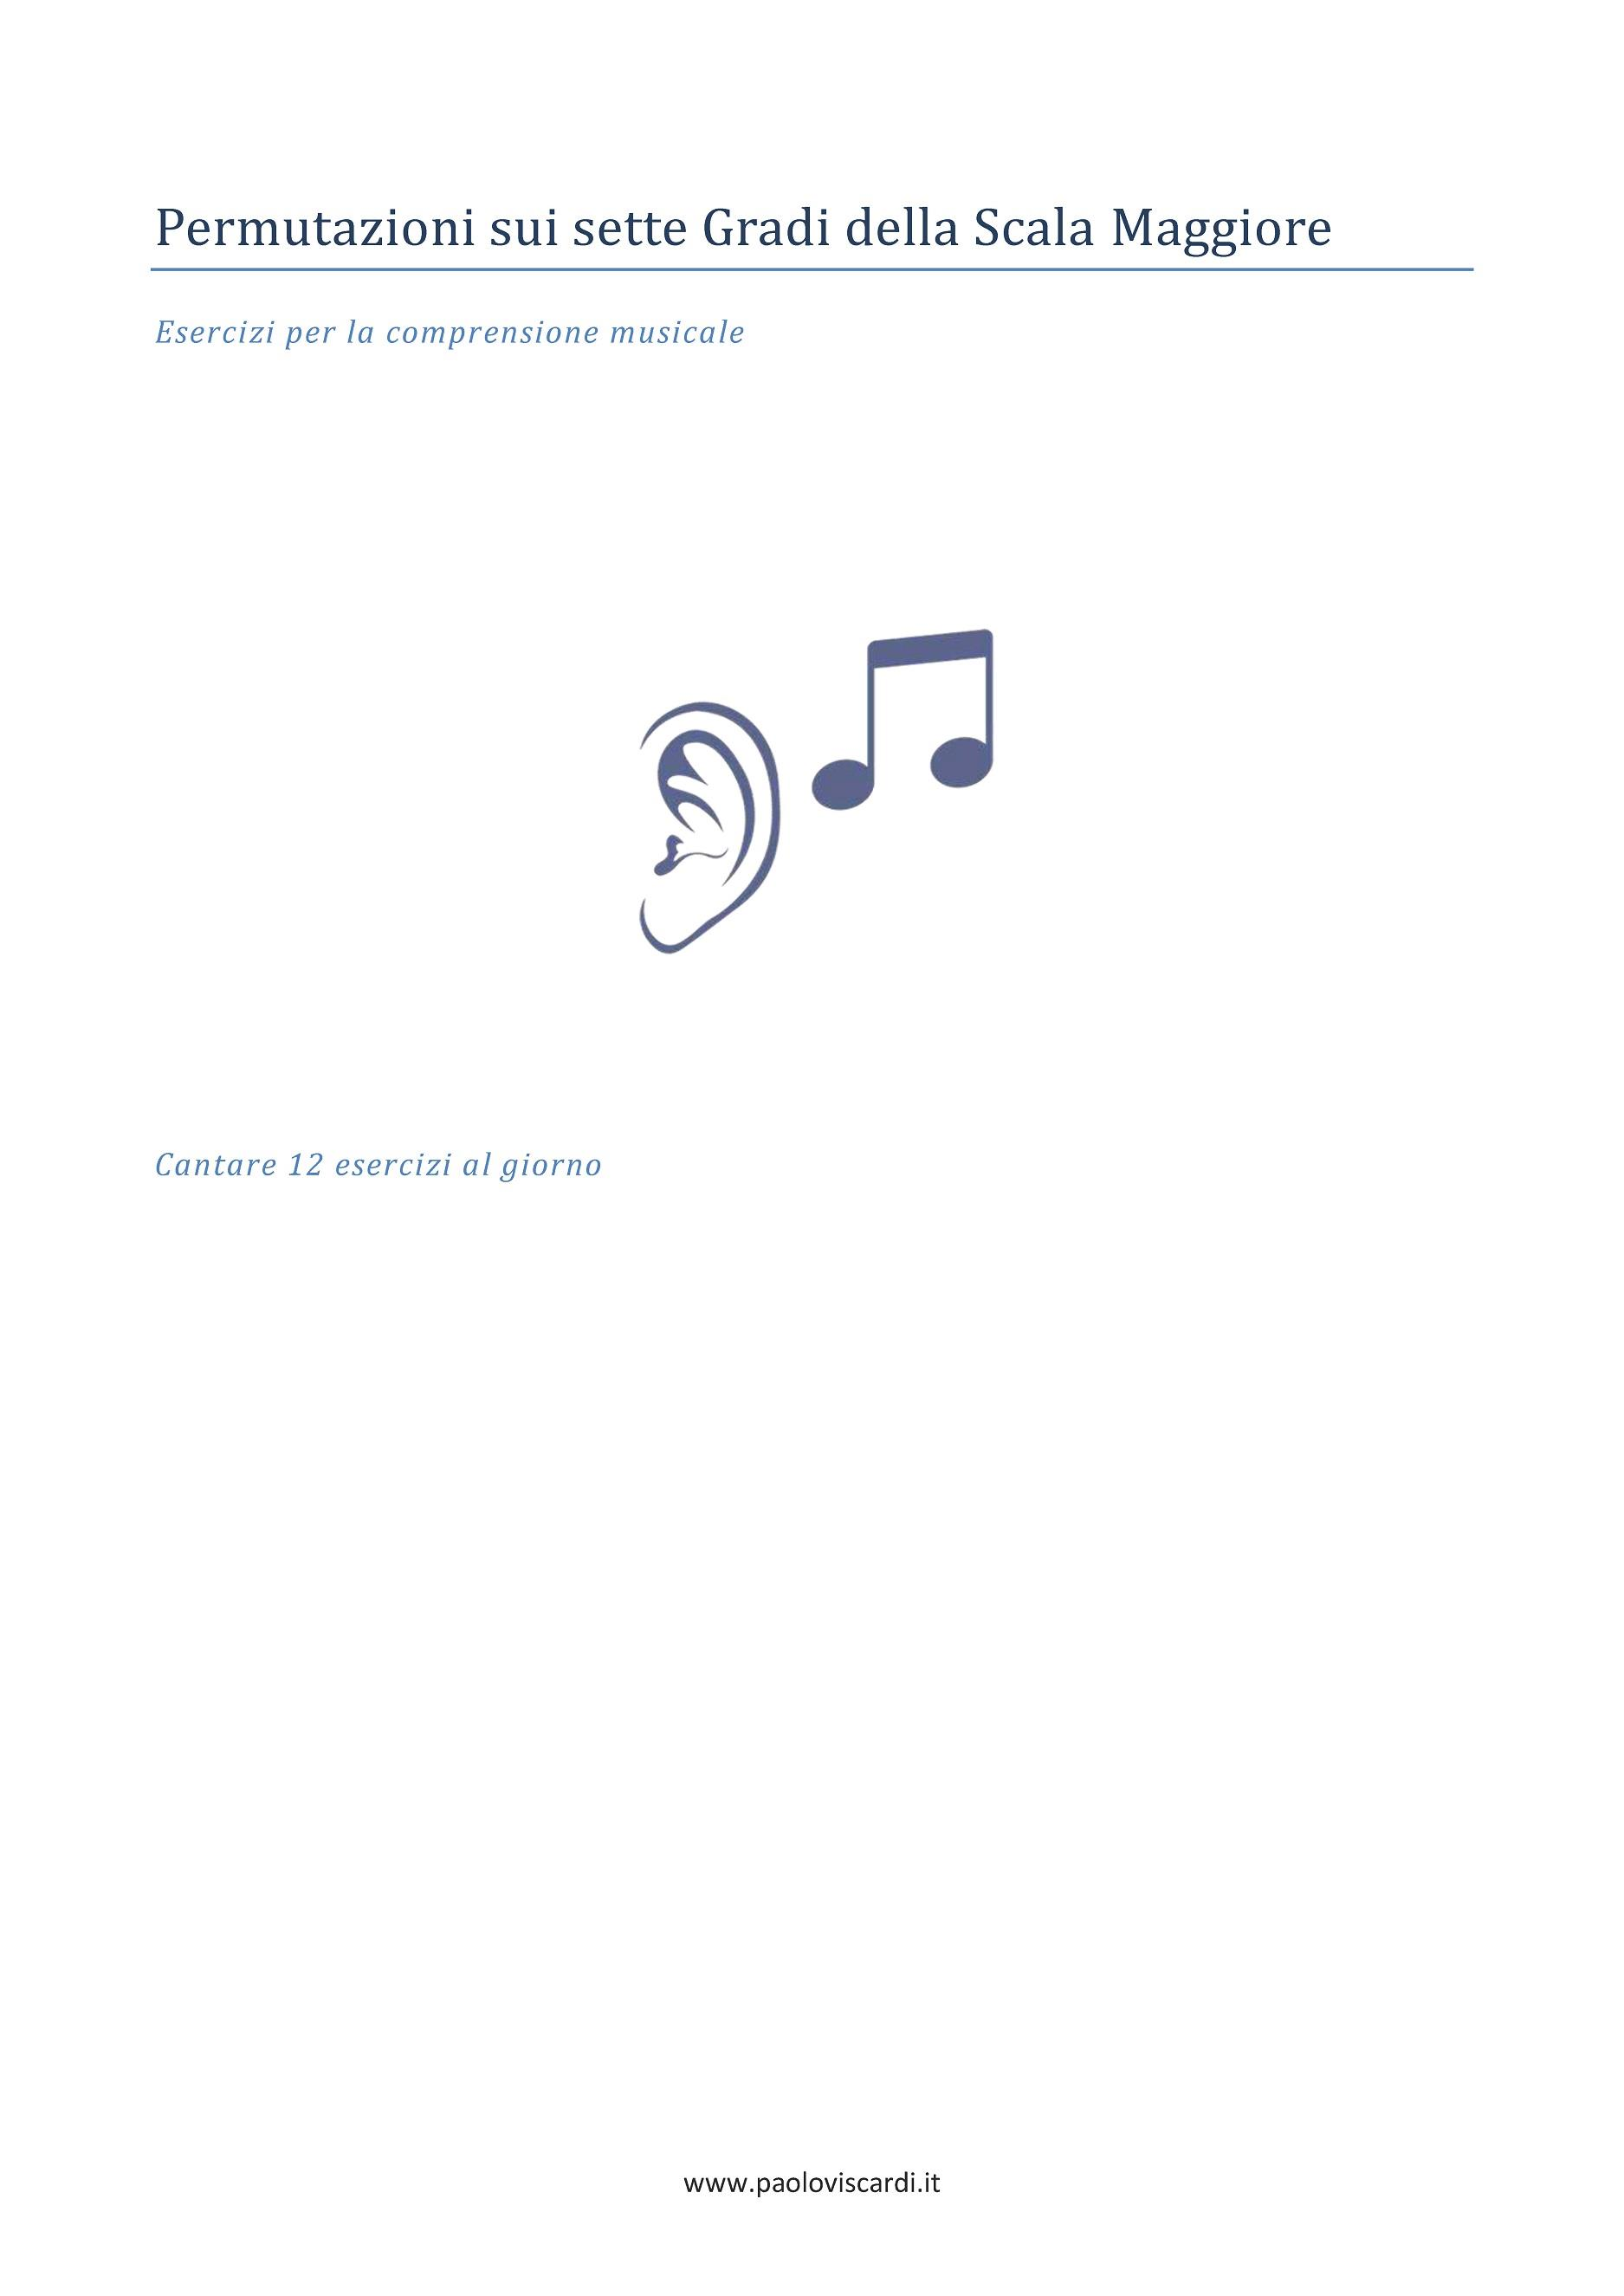 Ear Training Permutation